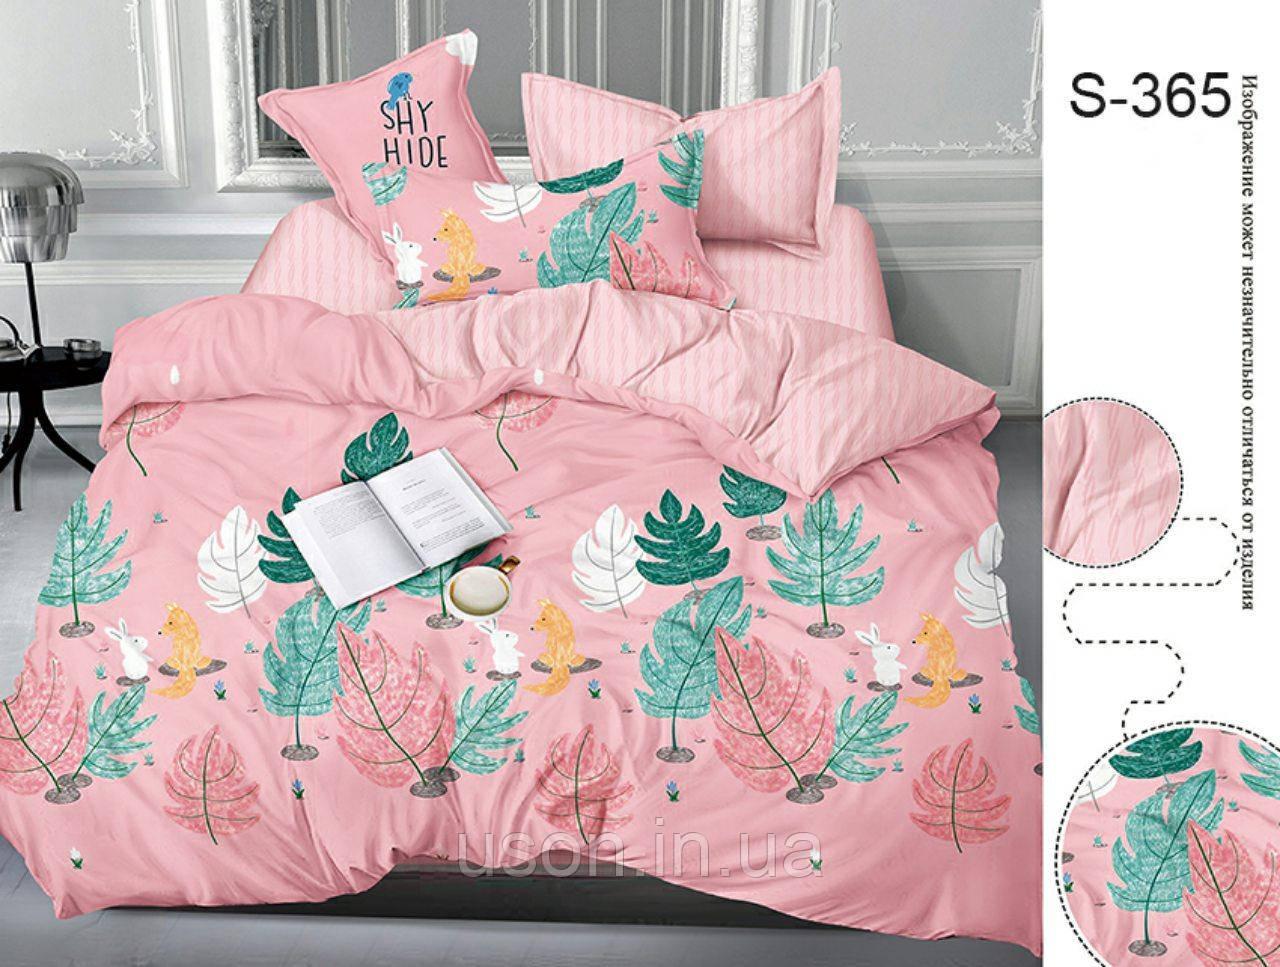 Комплект постельного белья сатин TM Tag S365